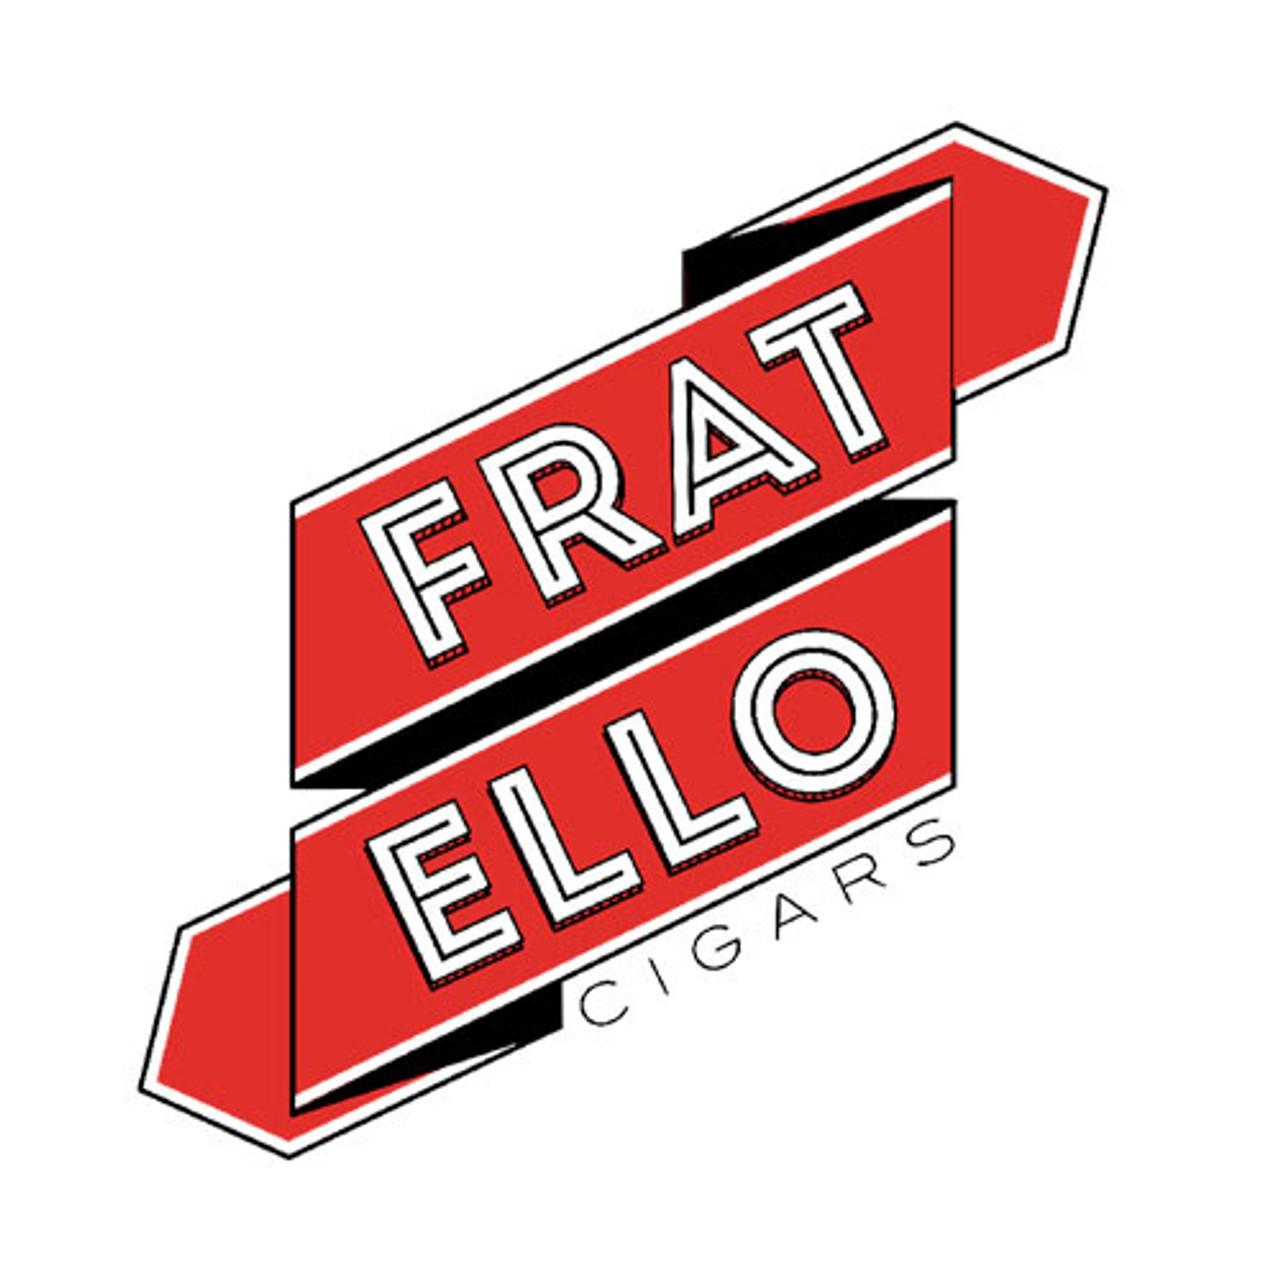 Fratello Corona Cigars - 5.5 x 46 (Box of 20)